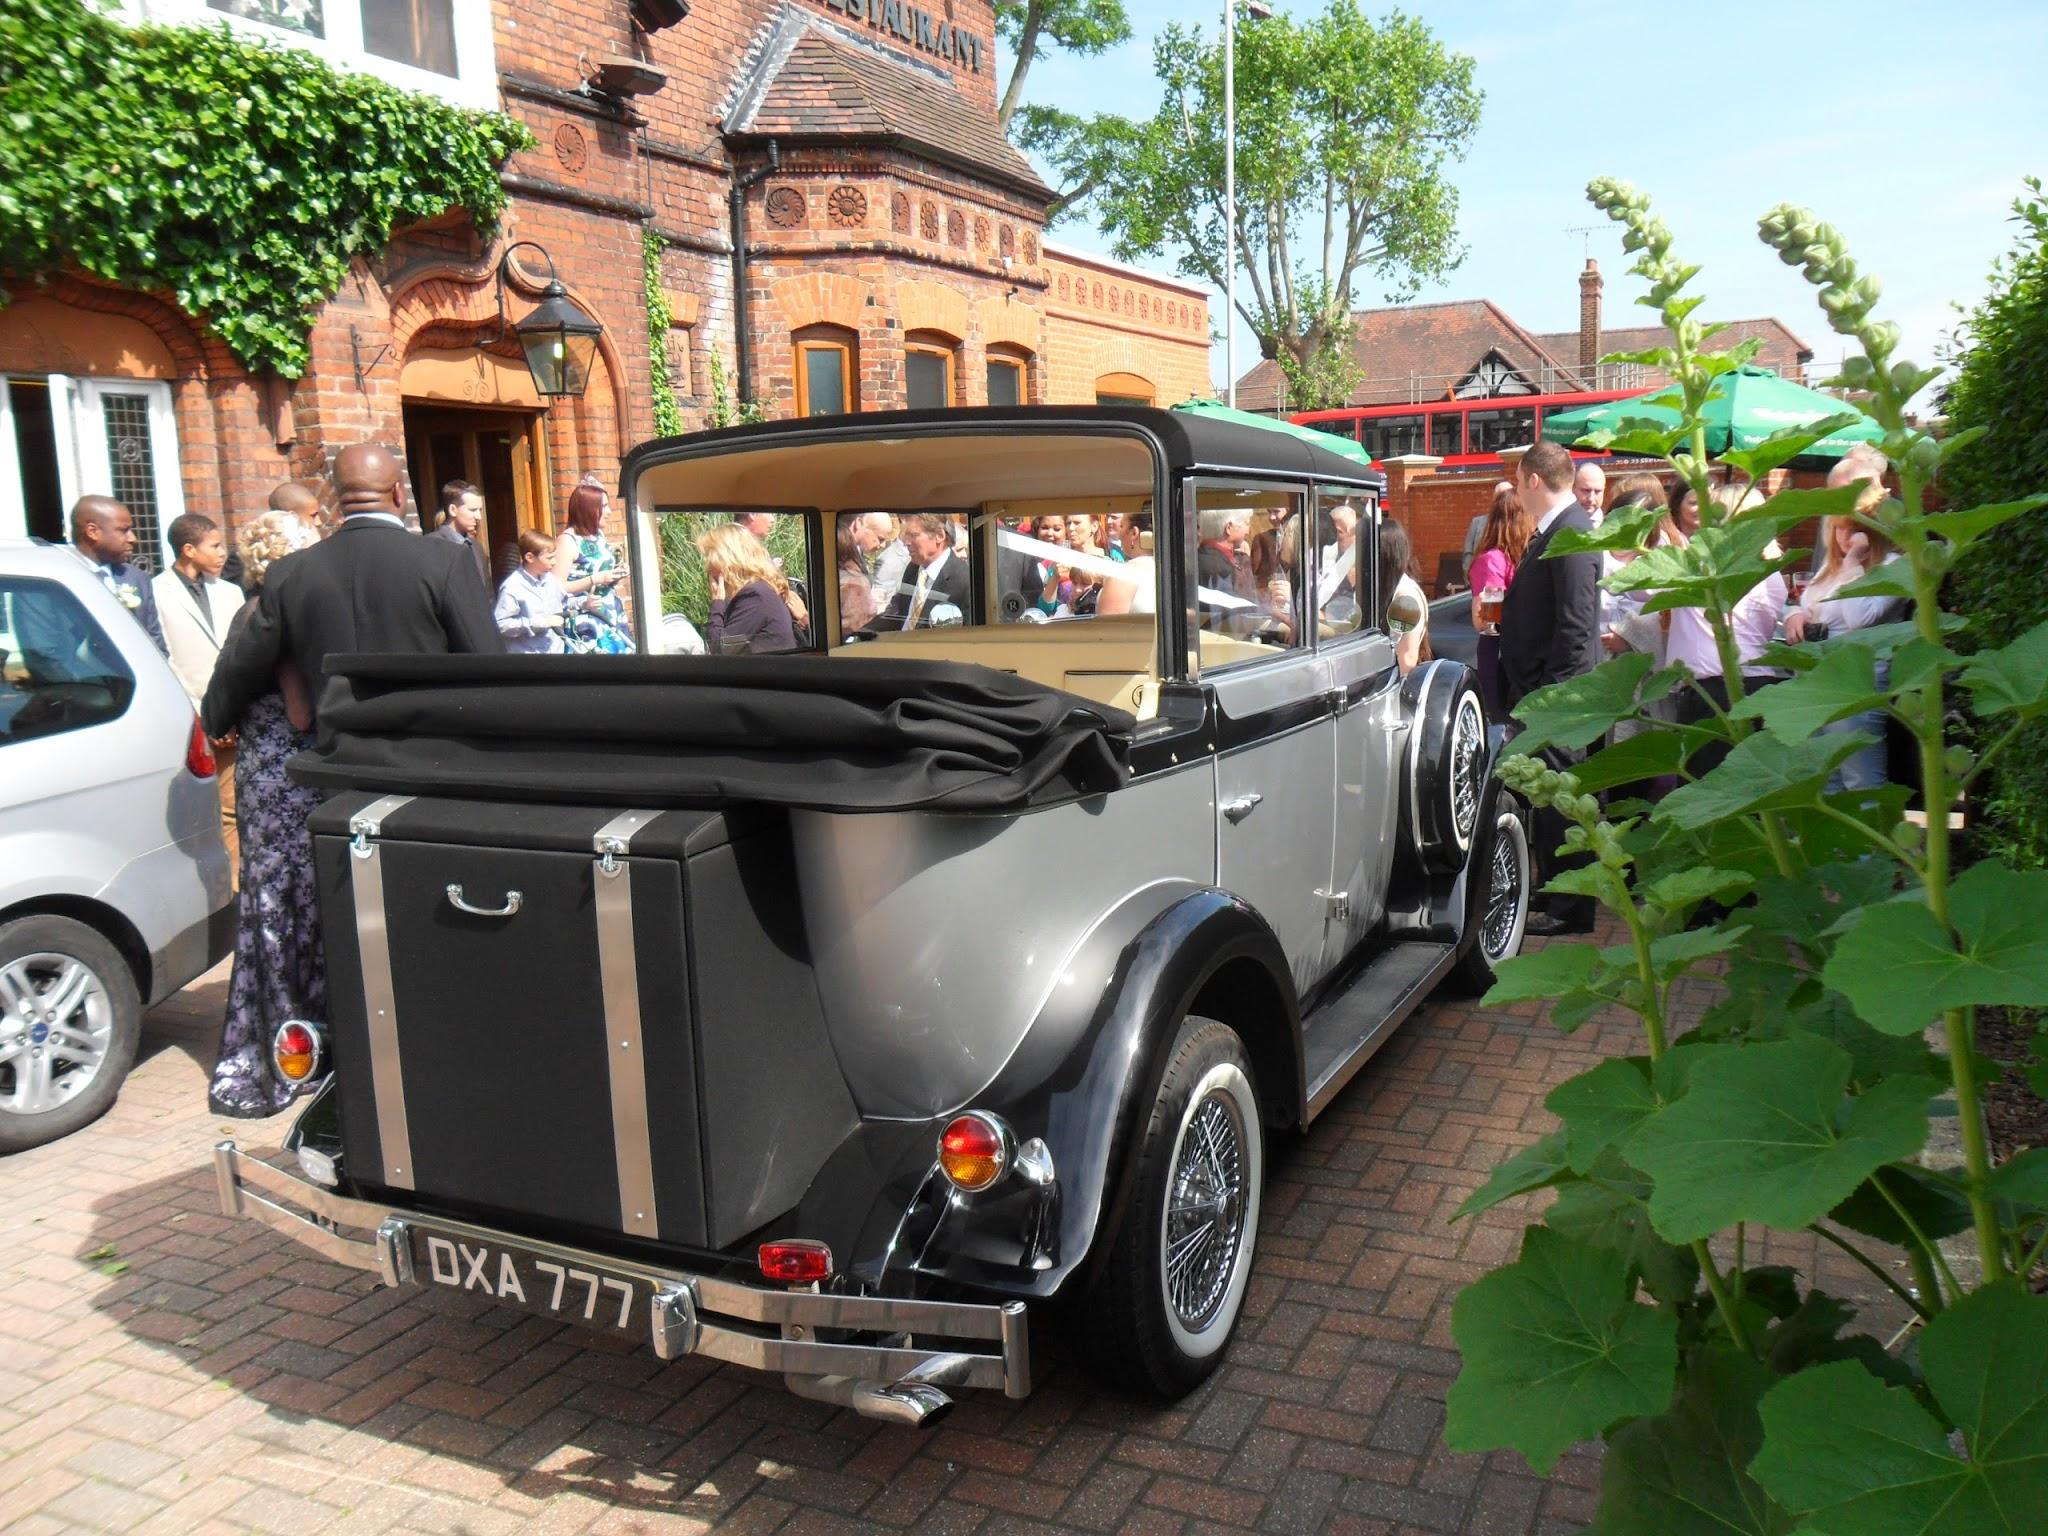 Chigwell police club wedding